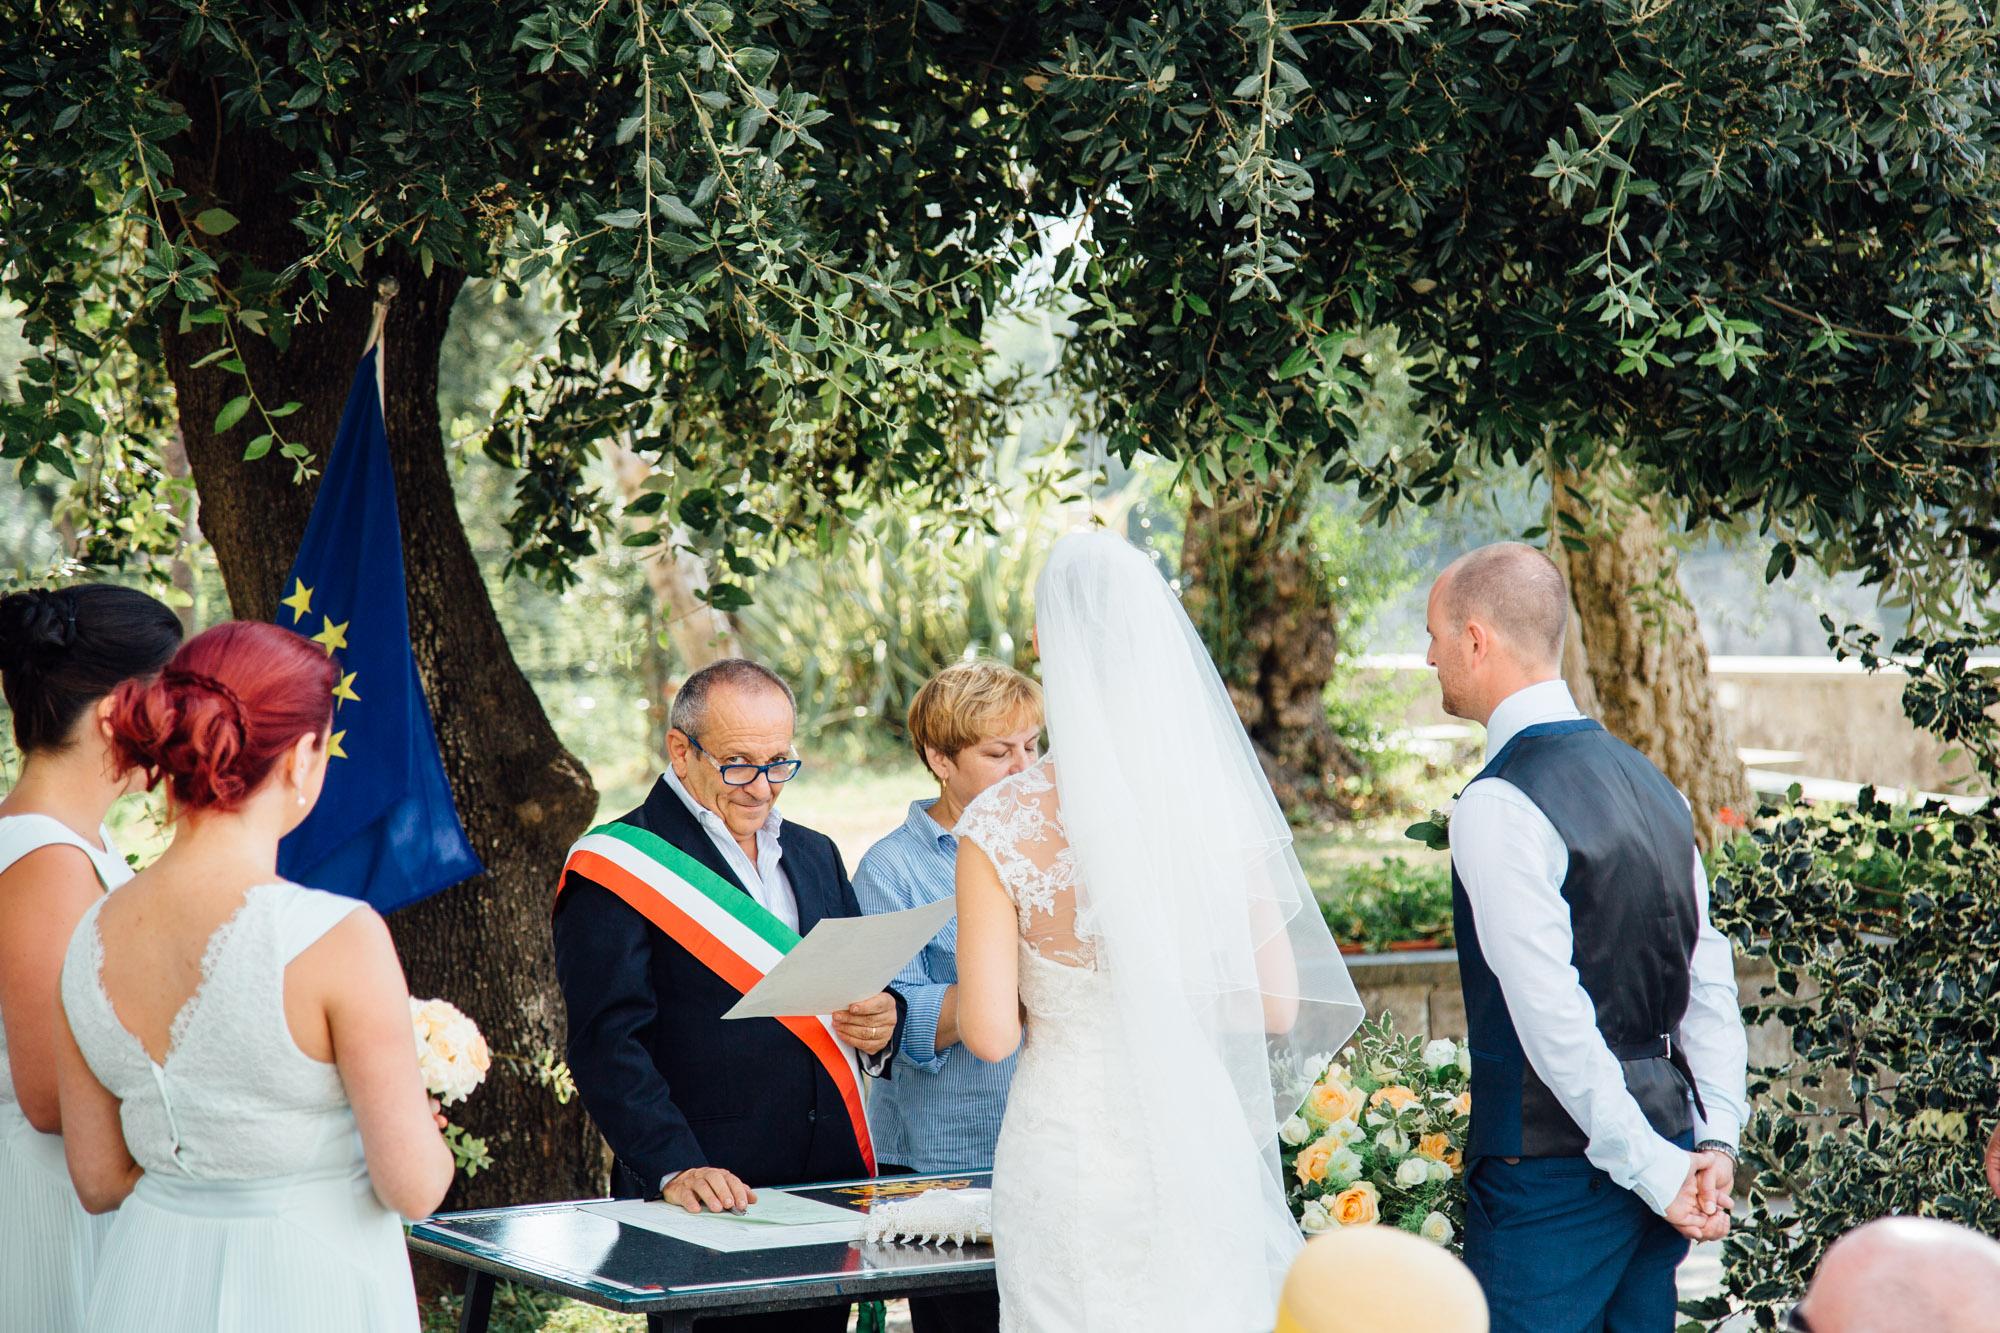 ItalyWeddingPhotography-16.jpg